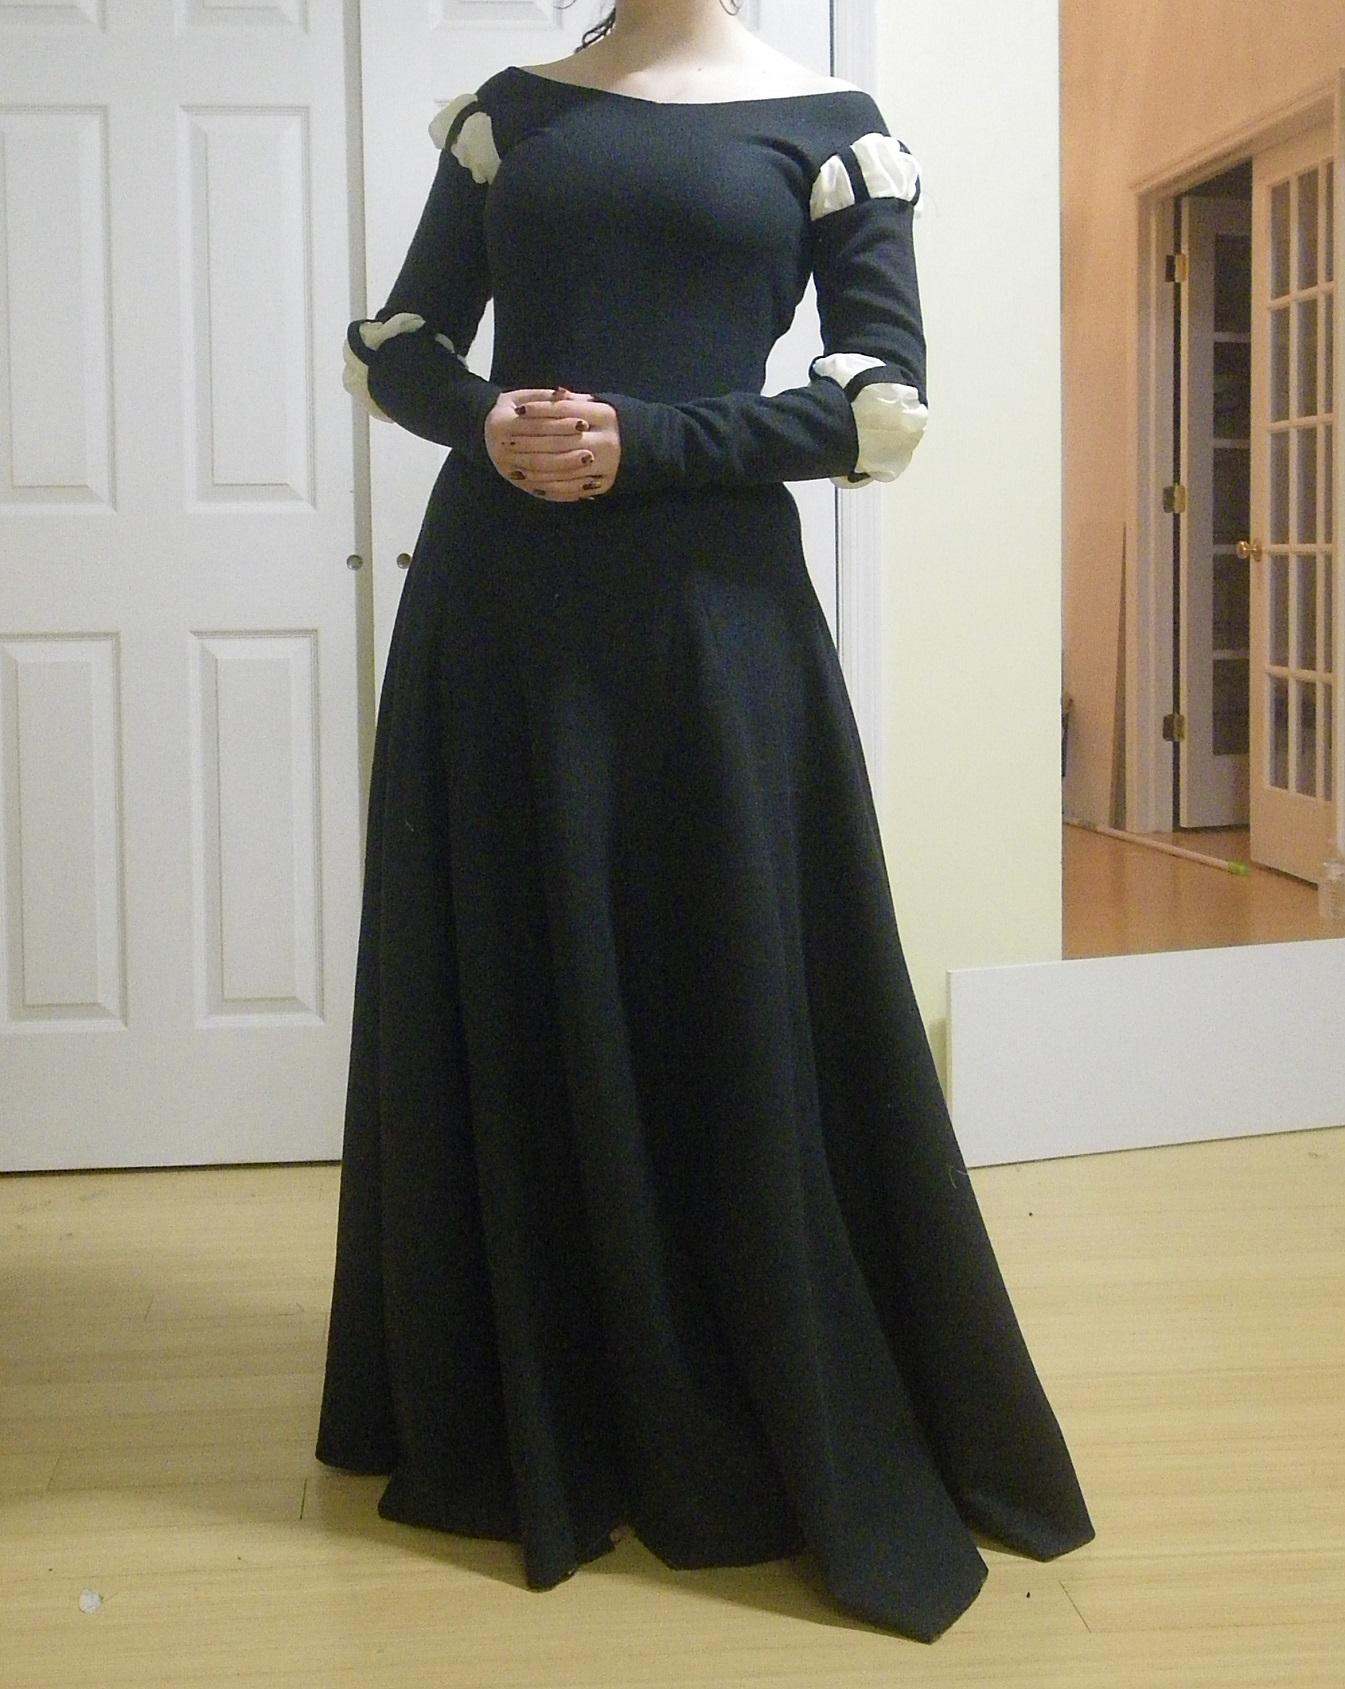 Diy Merida Costume Imgp